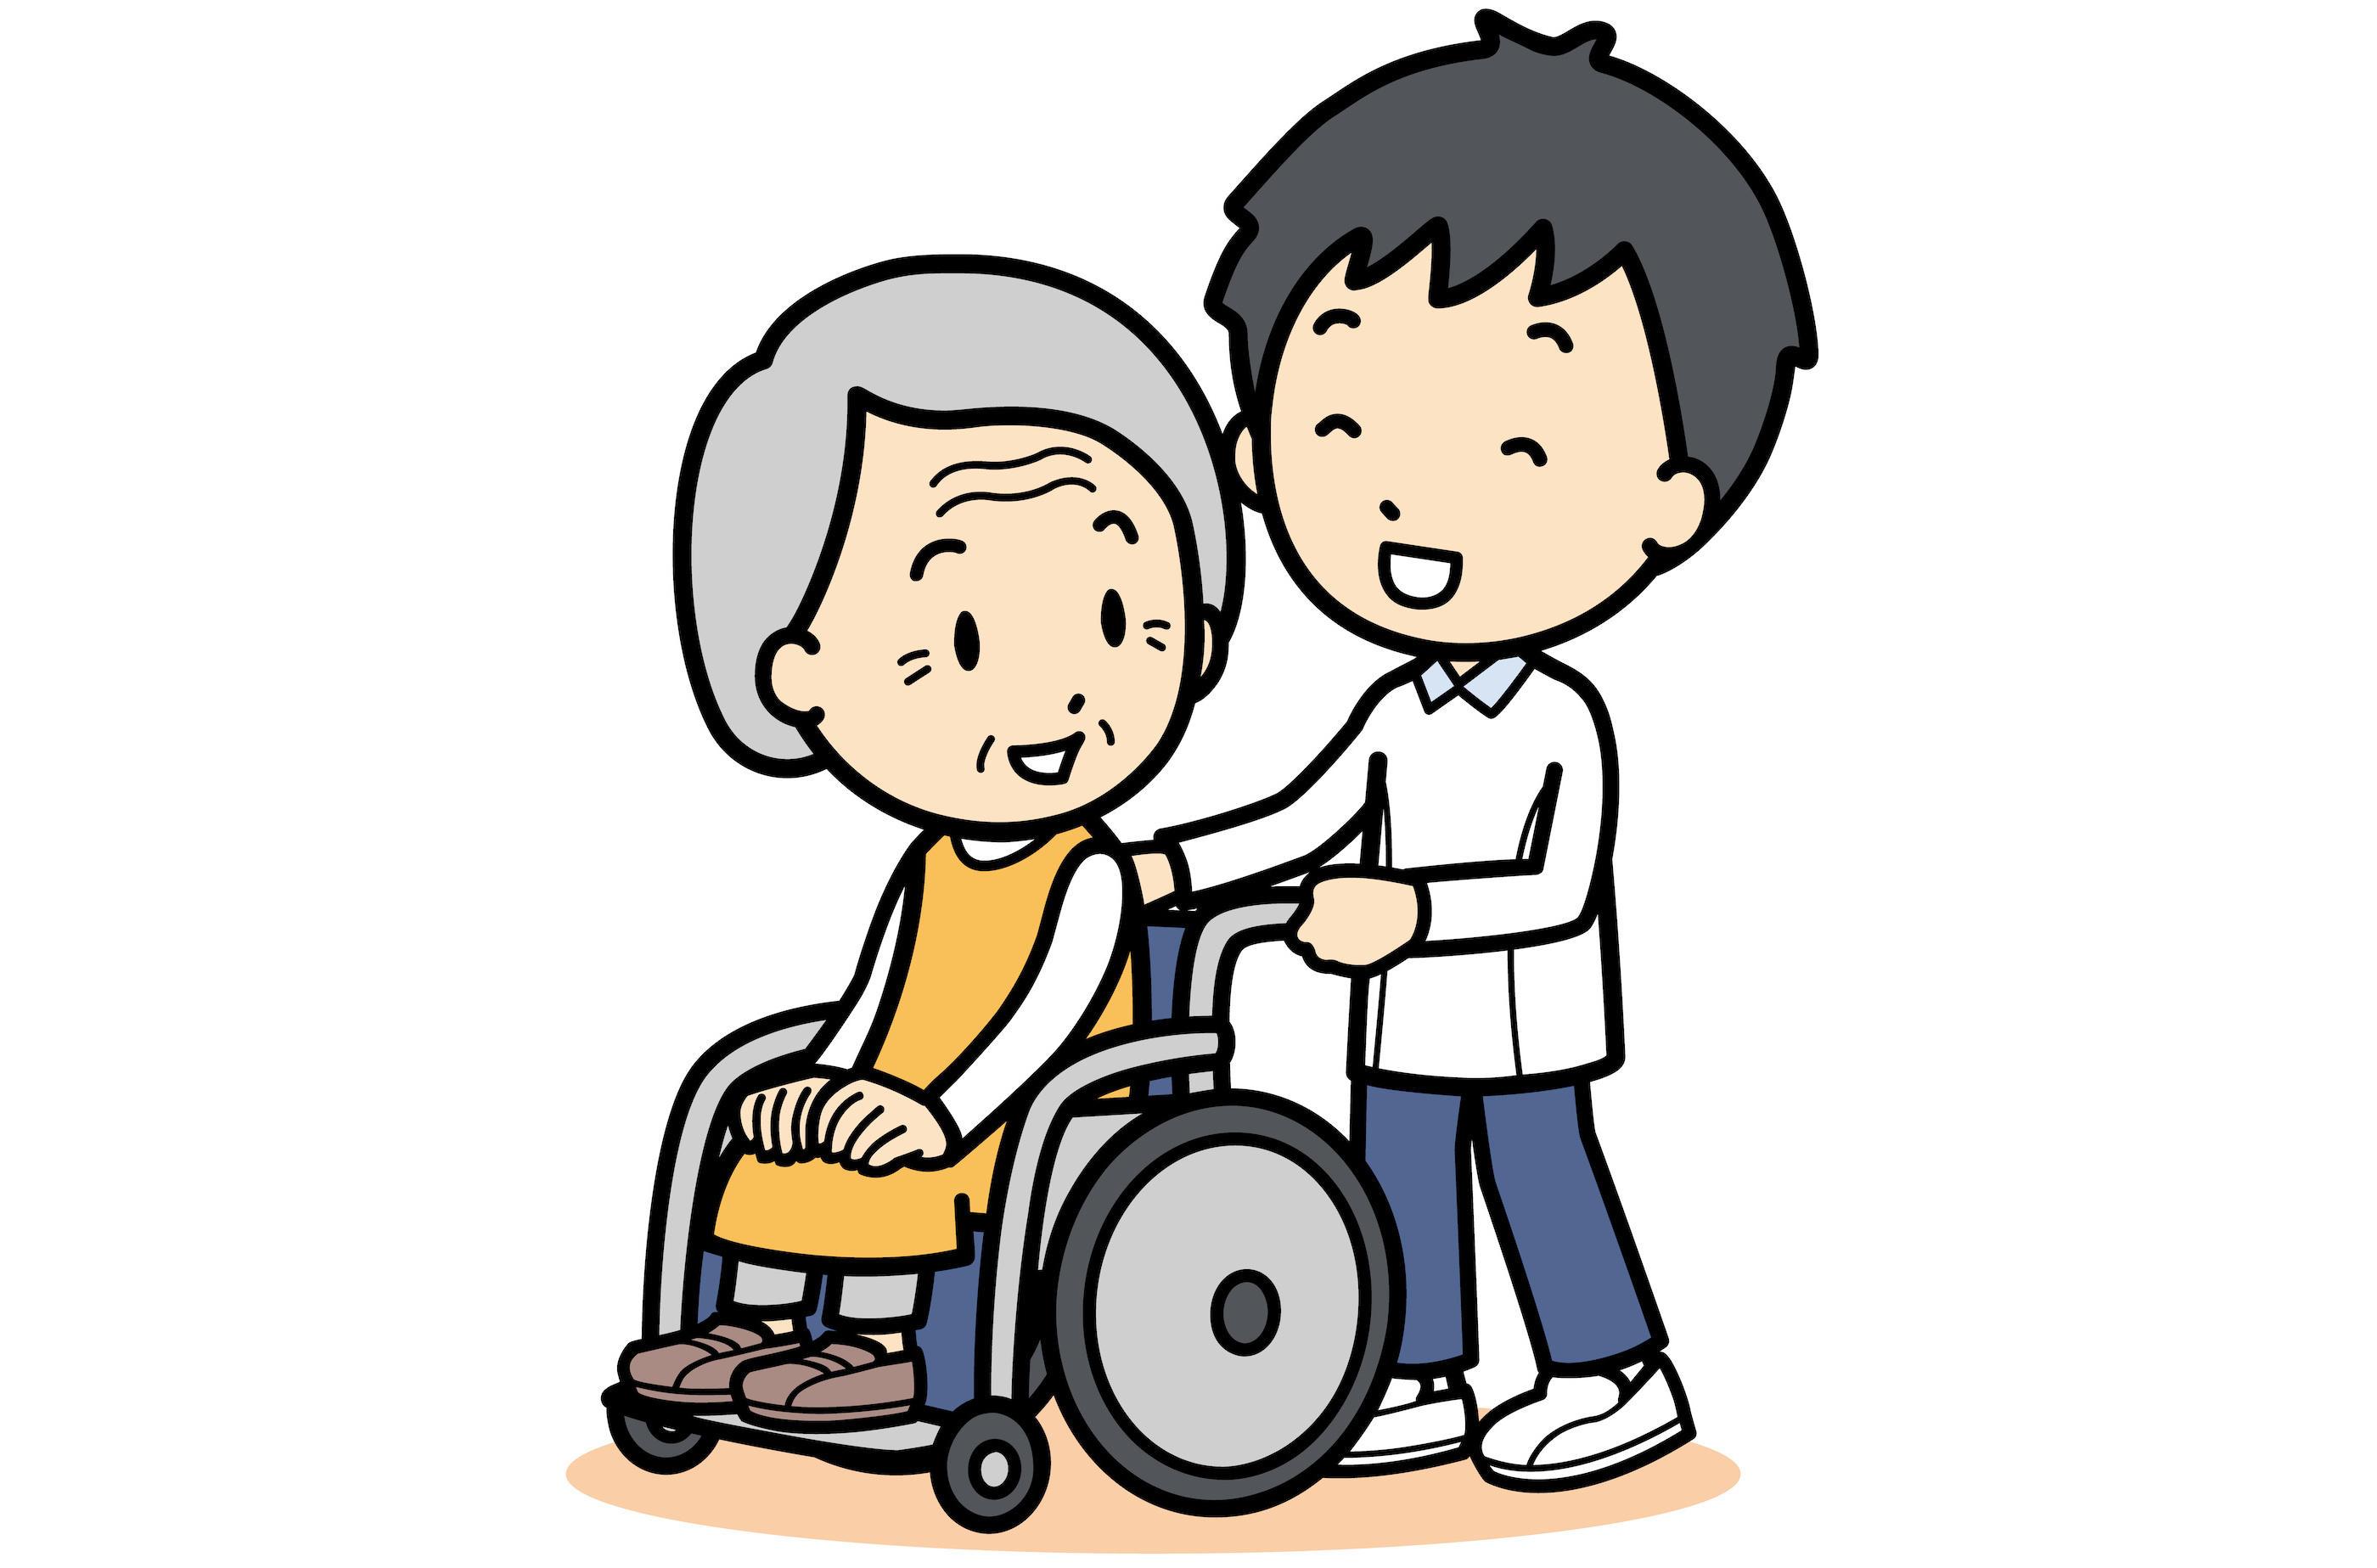 特 老健 違い の と 養 【老健のリアル】仕事内容はきつい?給料や向いてる人を元介護士が徹底解説